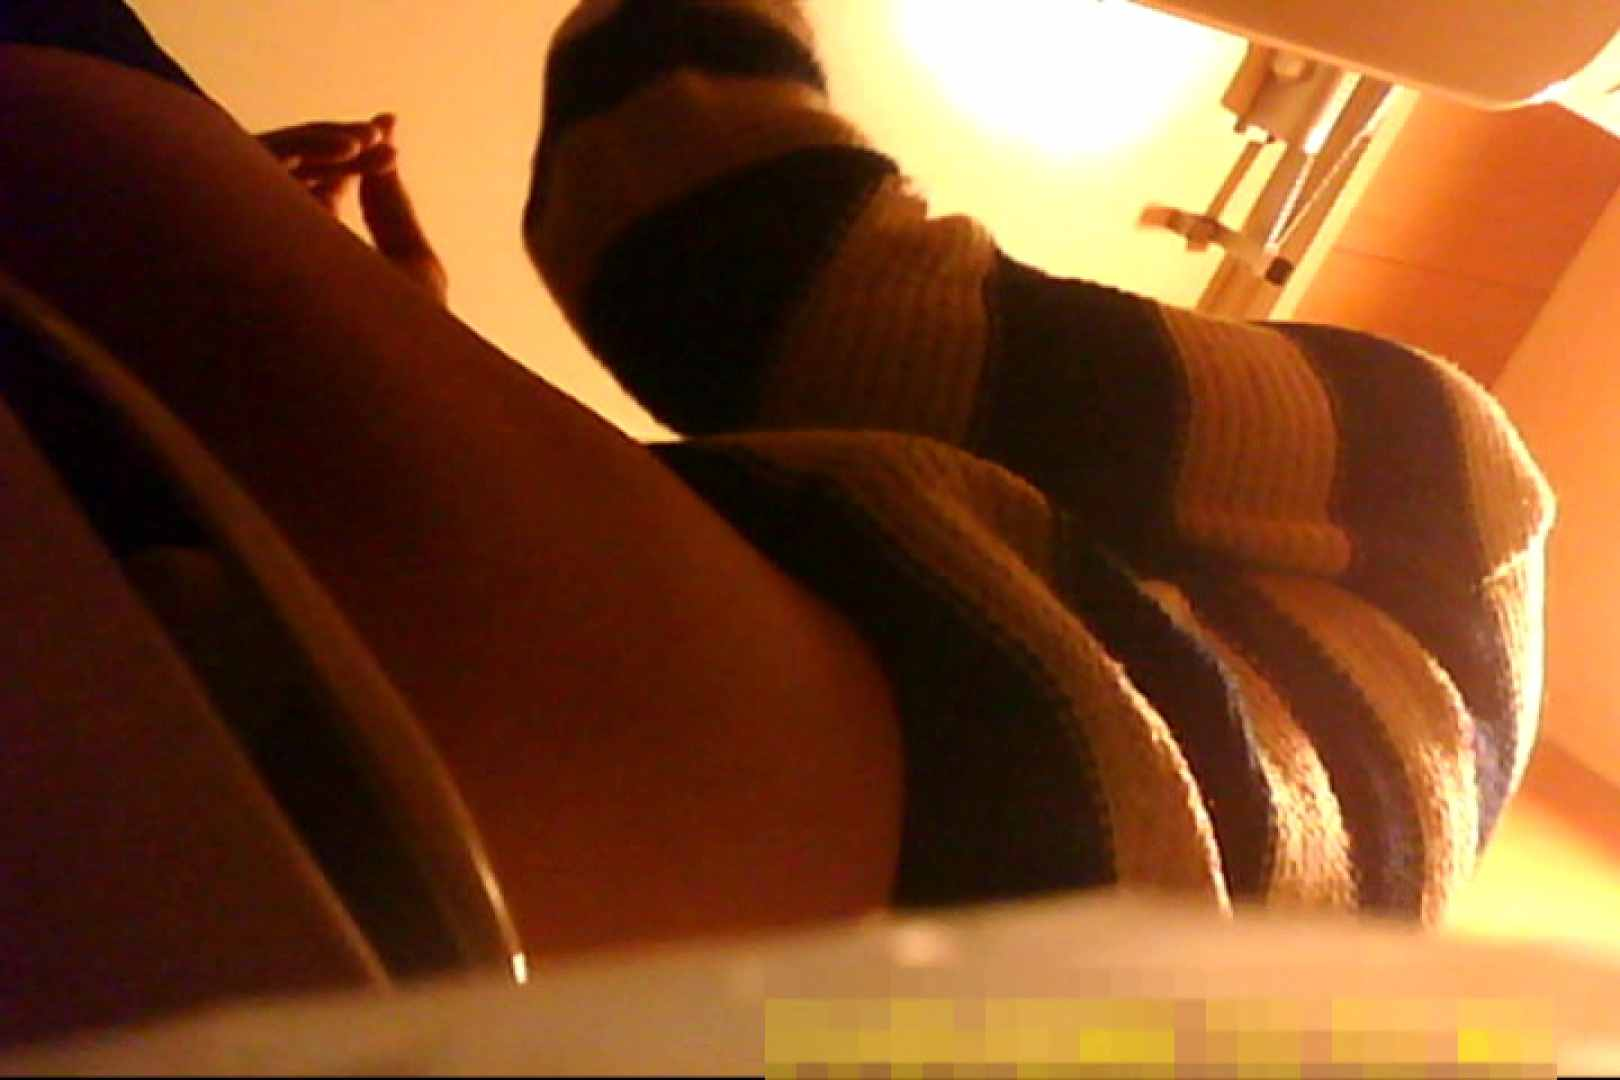 魅惑の化粧室~禁断のプライベート空間~vol.6 洗面所  71連発 27